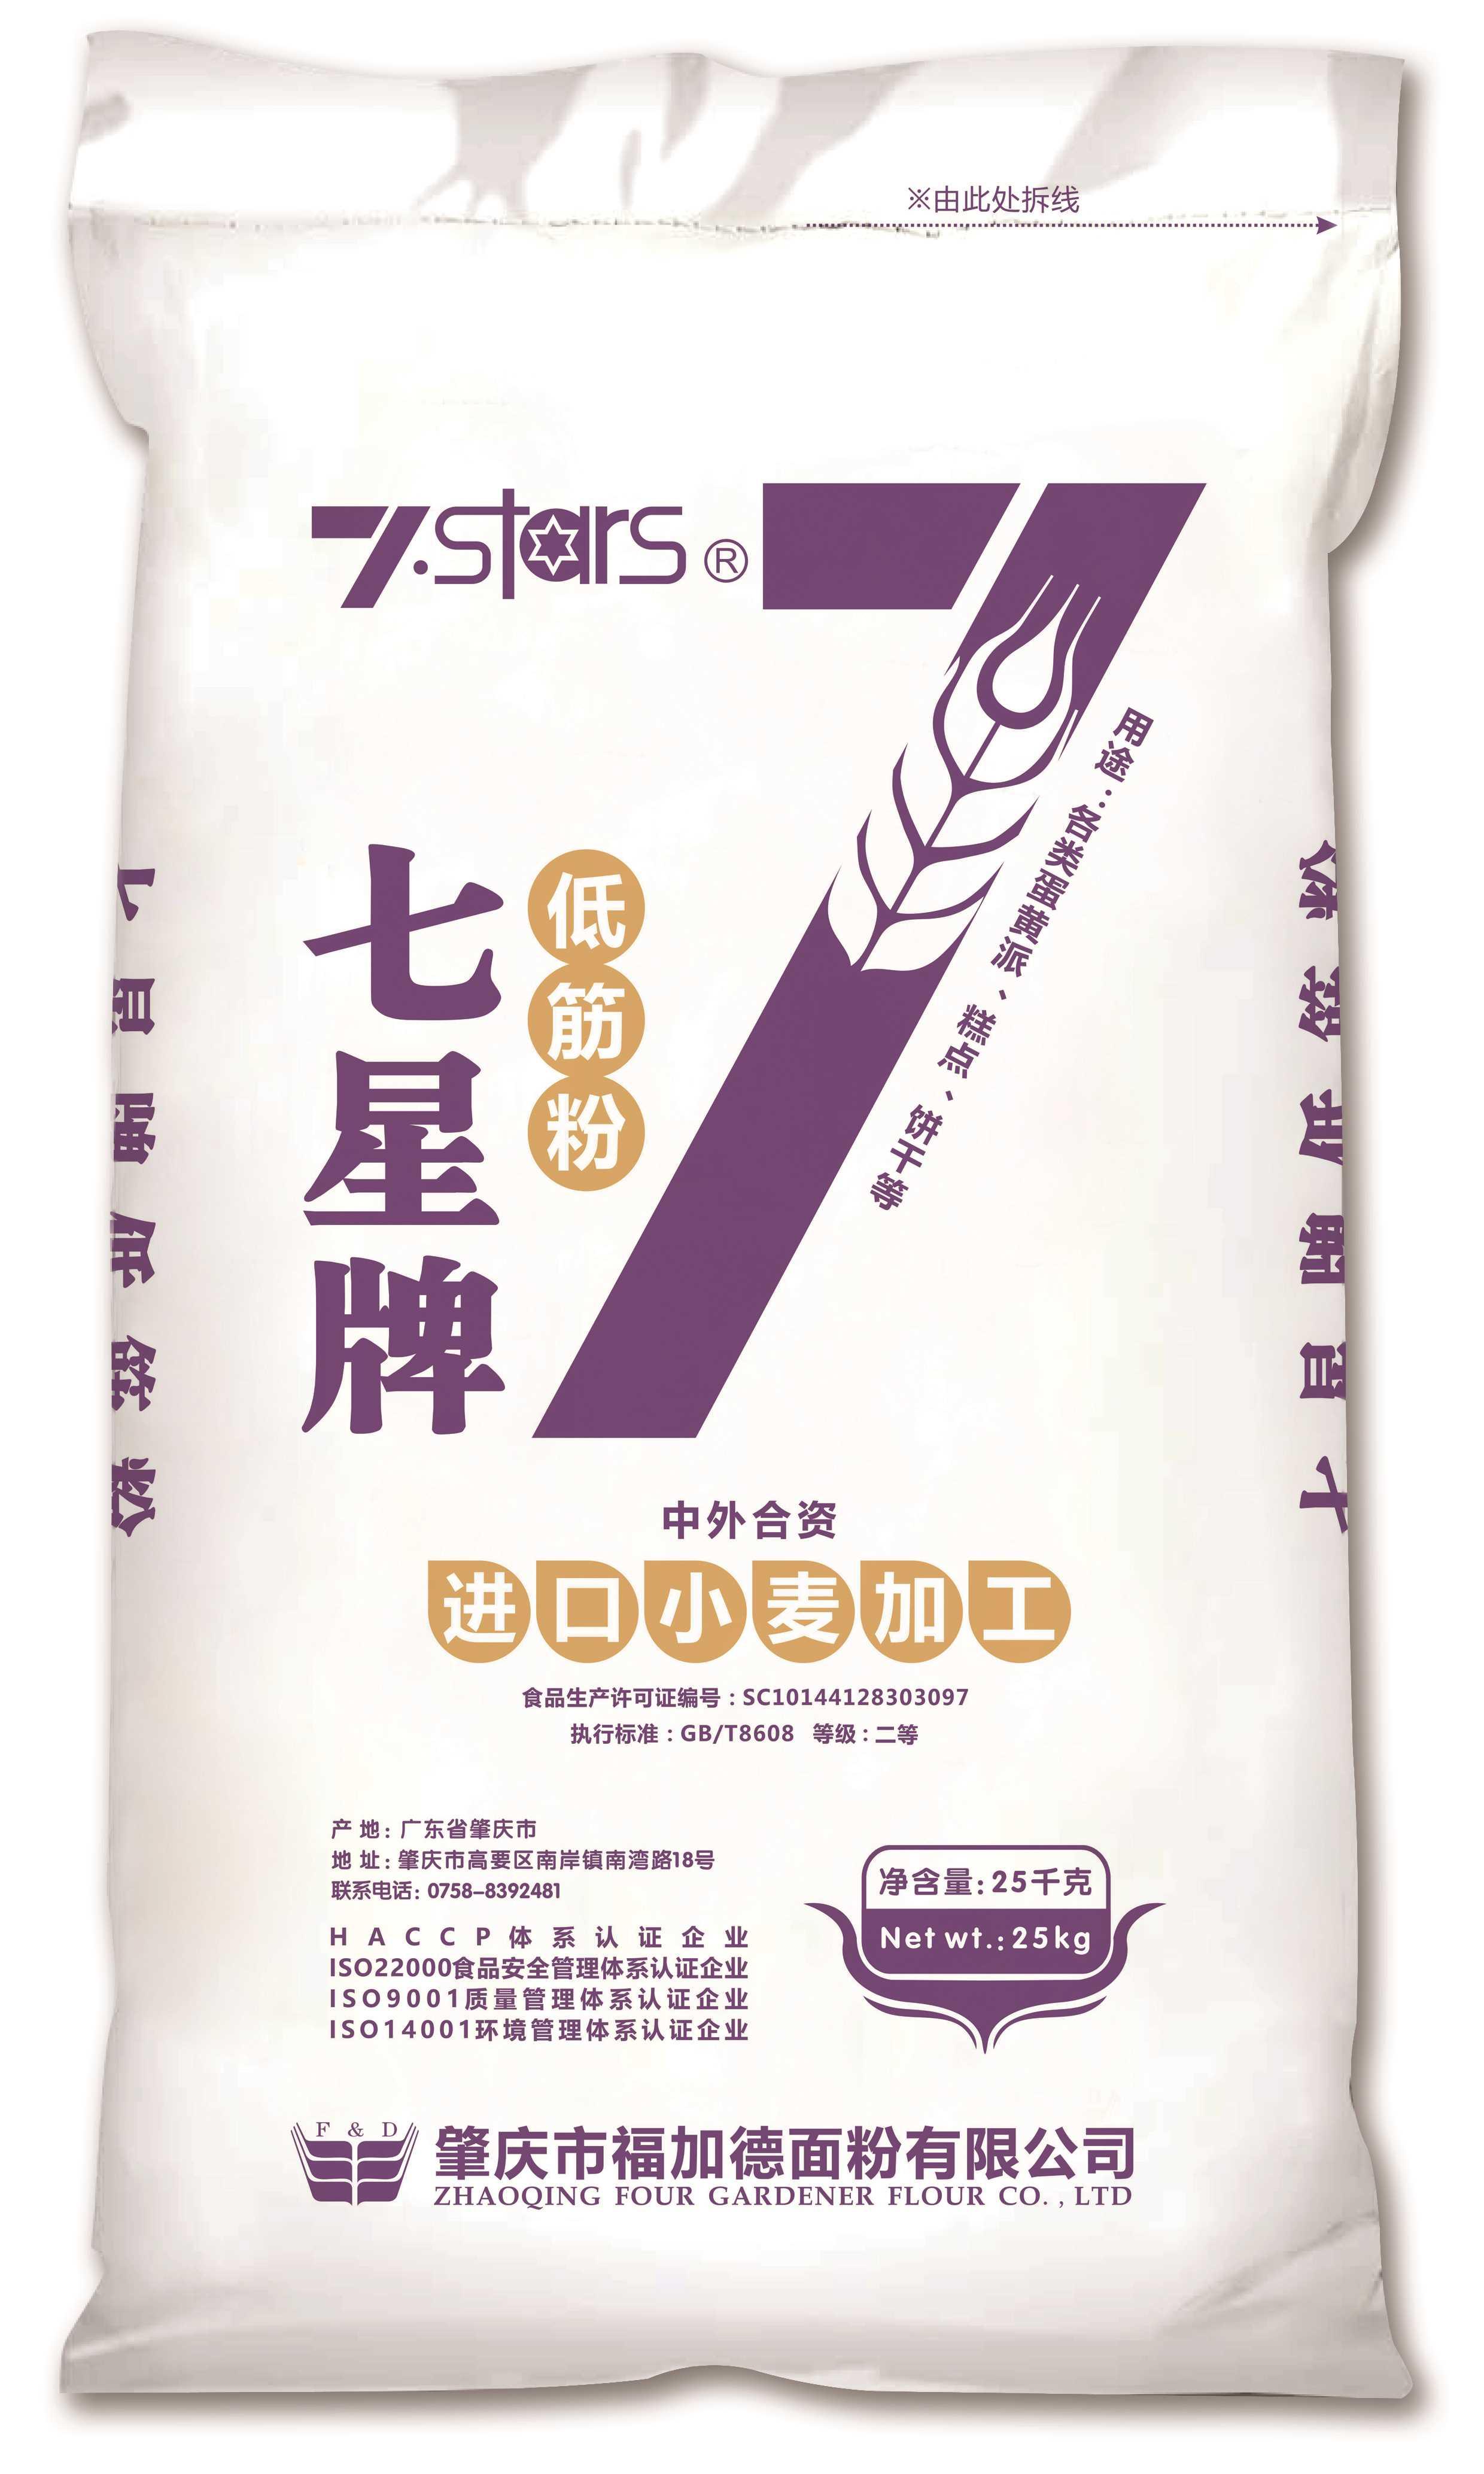 08-七星低筋粉编织袋25kg